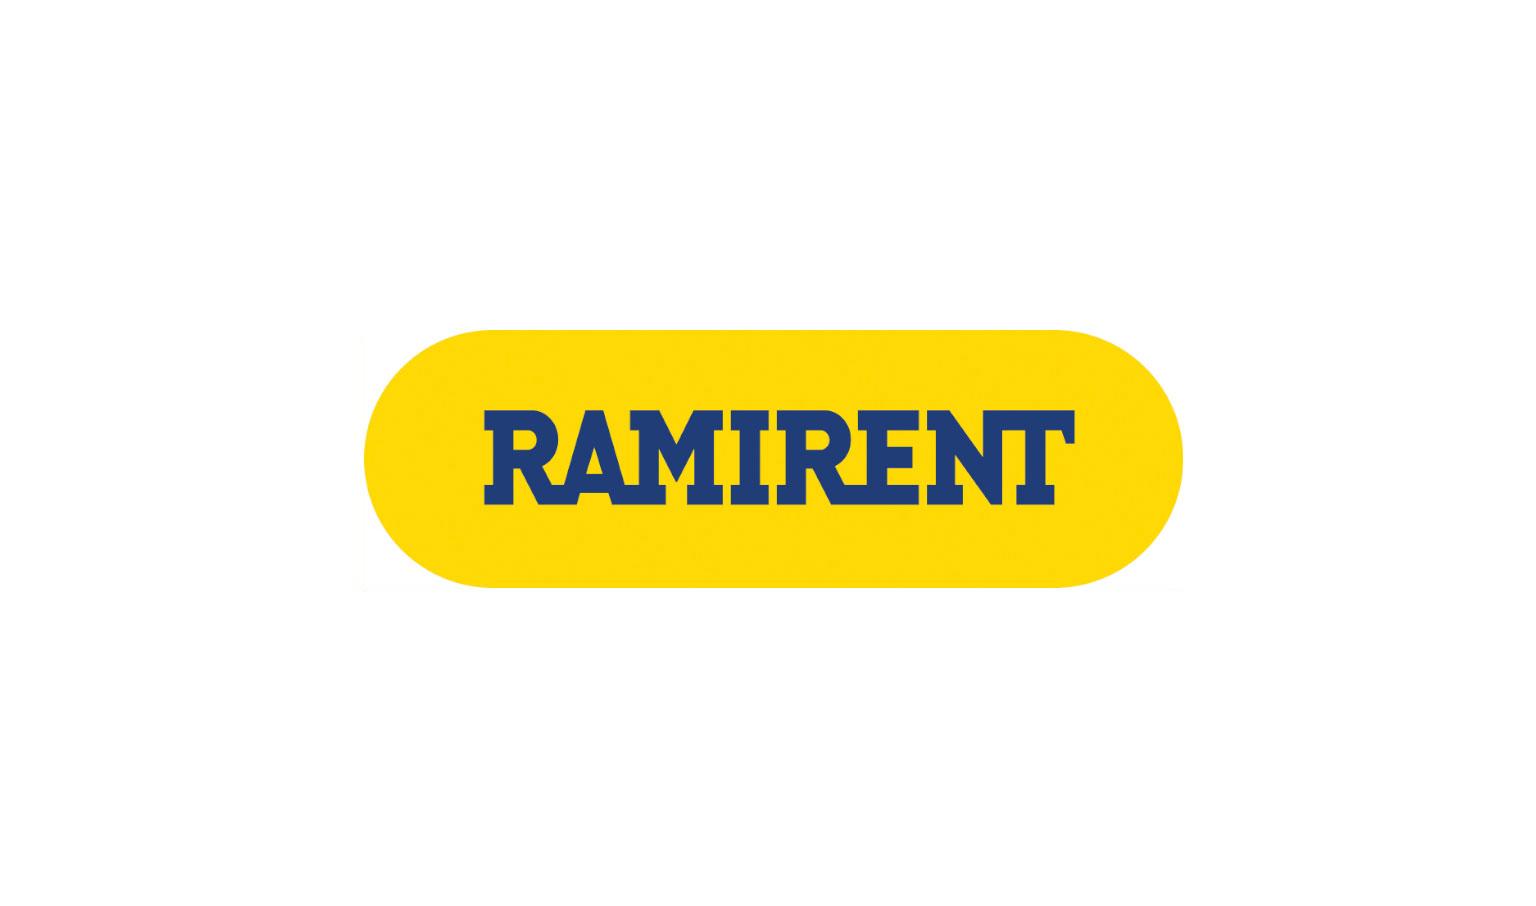 remirent